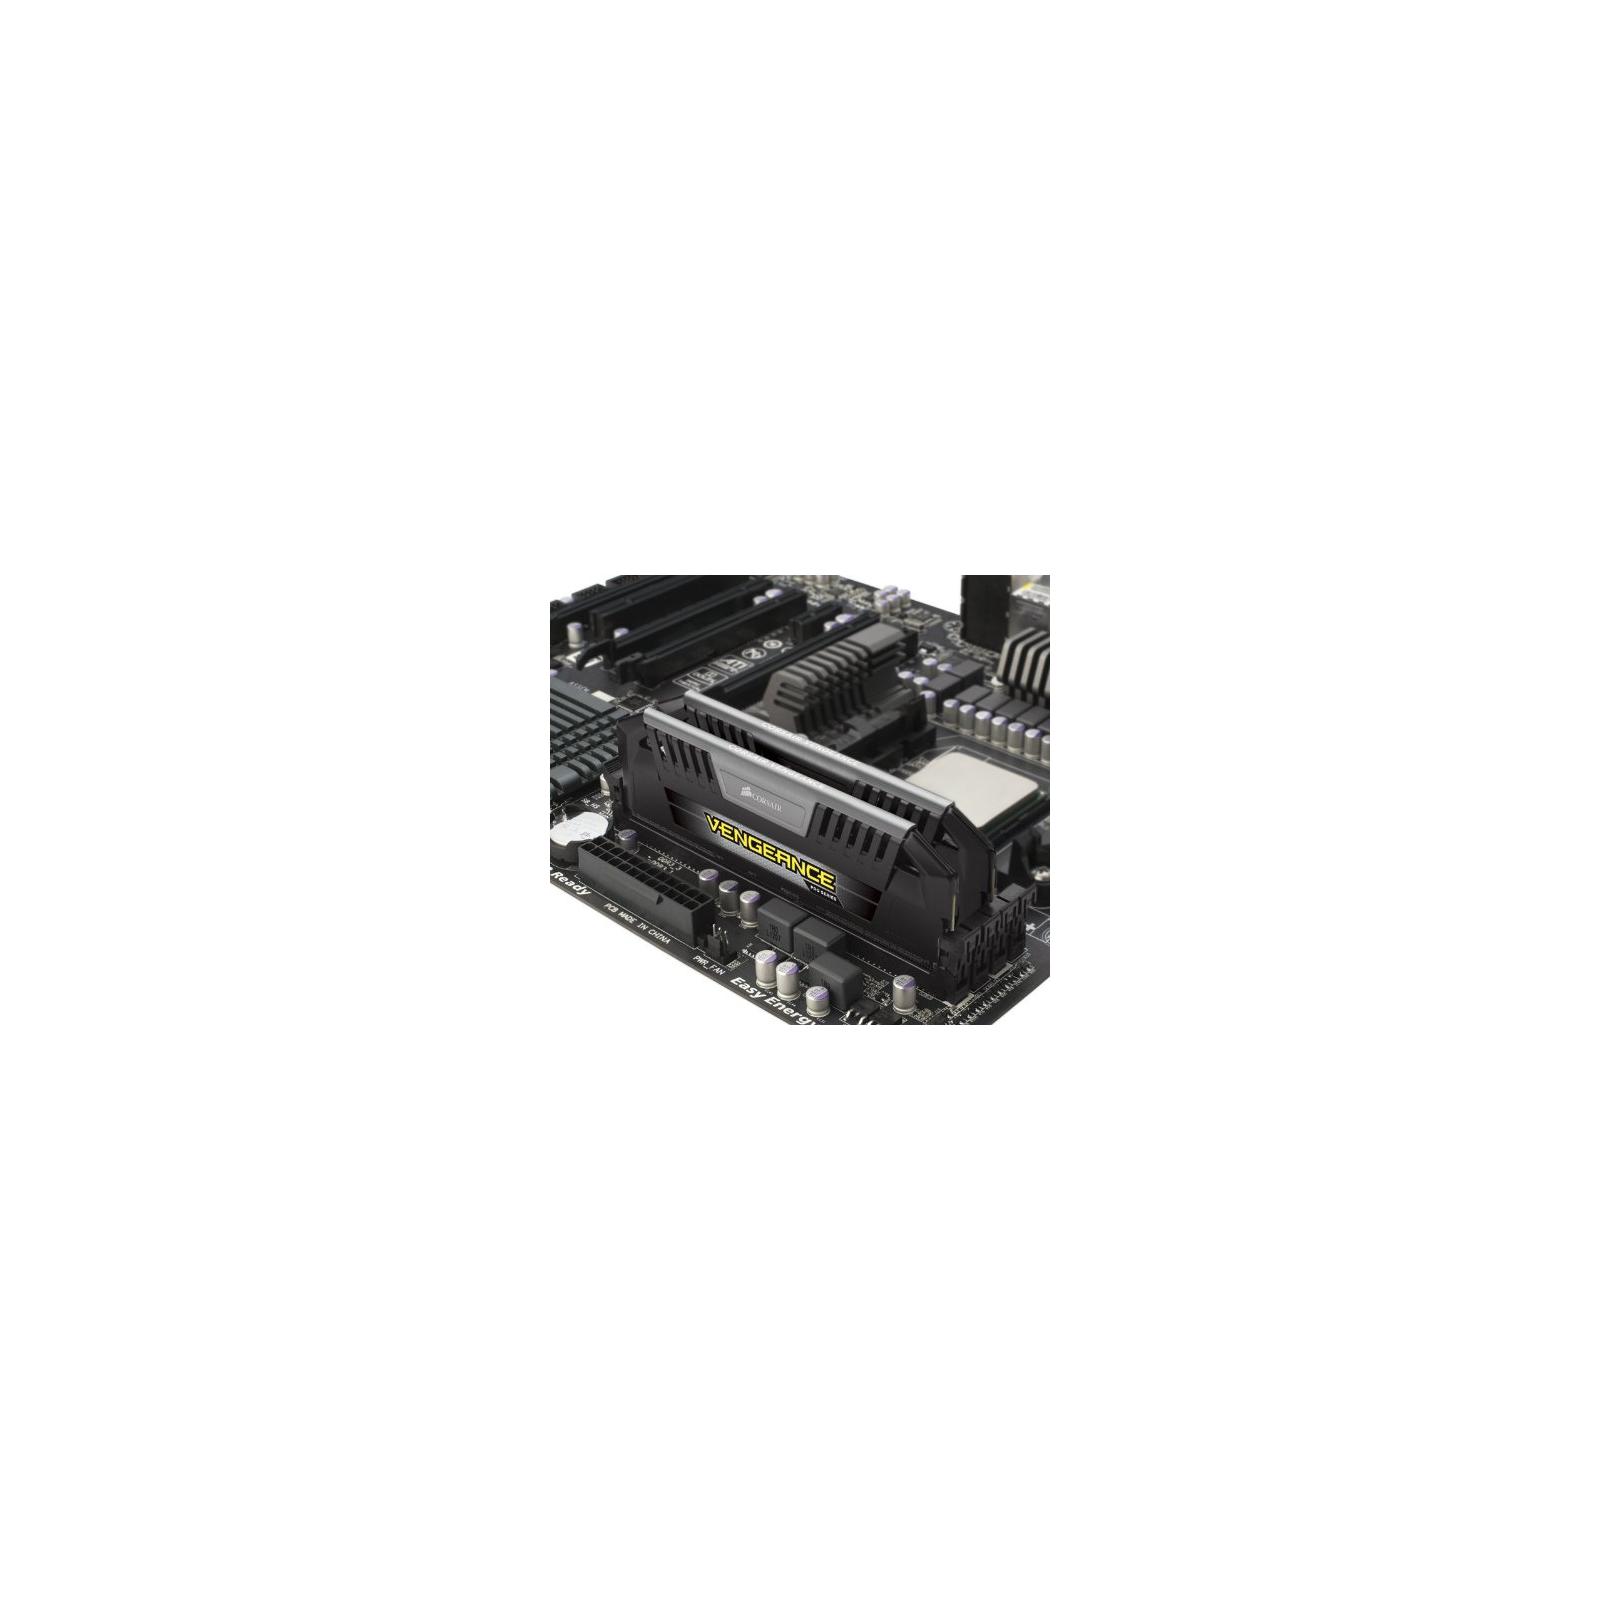 Модуль памяти для компьютера DDR3 8GB (2x4GB) 1866 MHz CORSAIR (CMY8GX3M2A1866C9) изображение 2